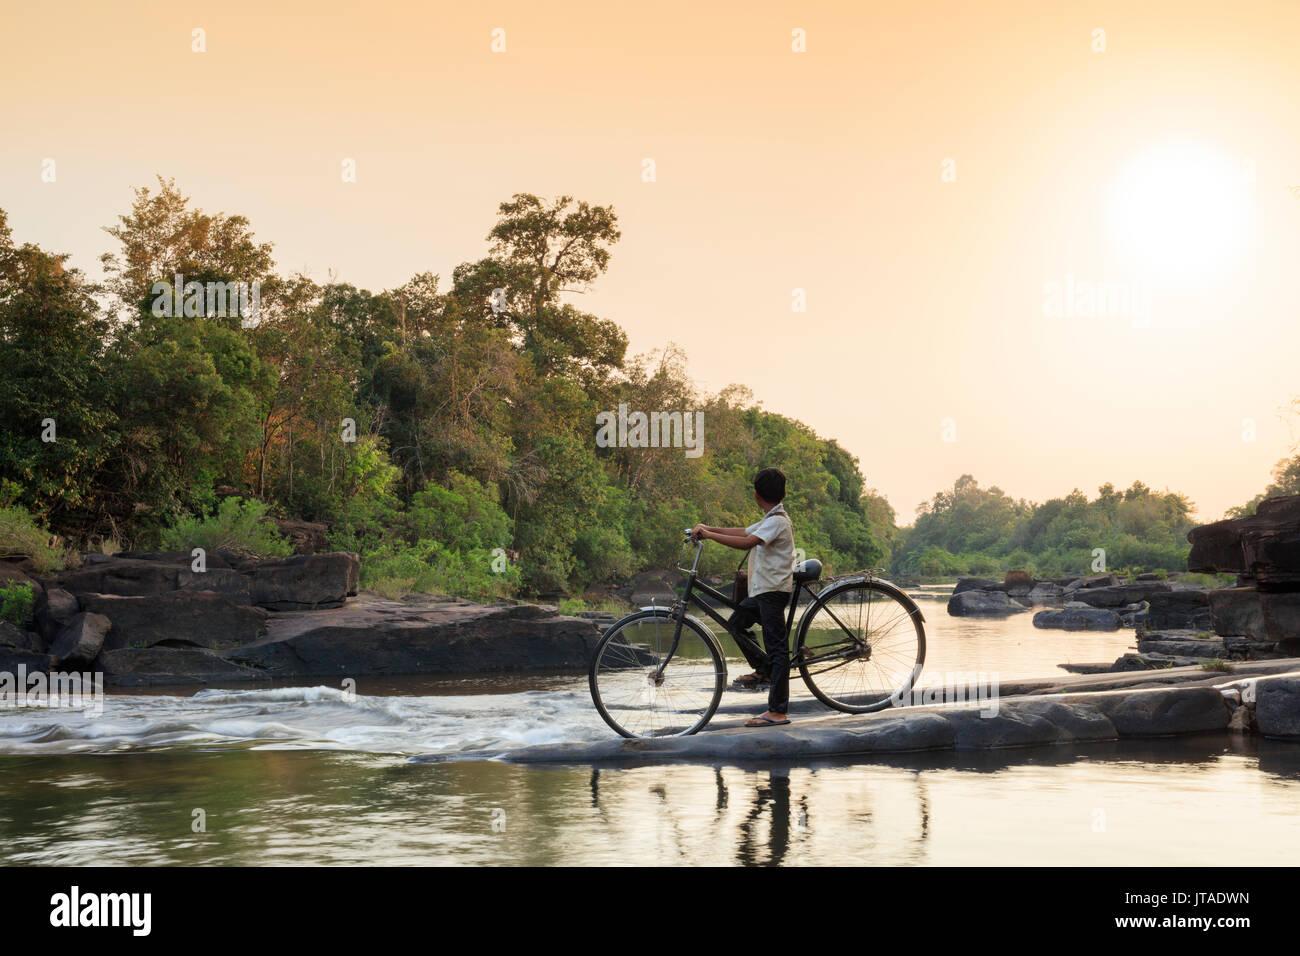 Scuola ragazzo su una bicicletta che attraversa un fiume sul suo modo di scuola, Chi Phat, Koh Kong, Cambogia, Indocina, Asia sud-orientale, Asia Immagini Stock